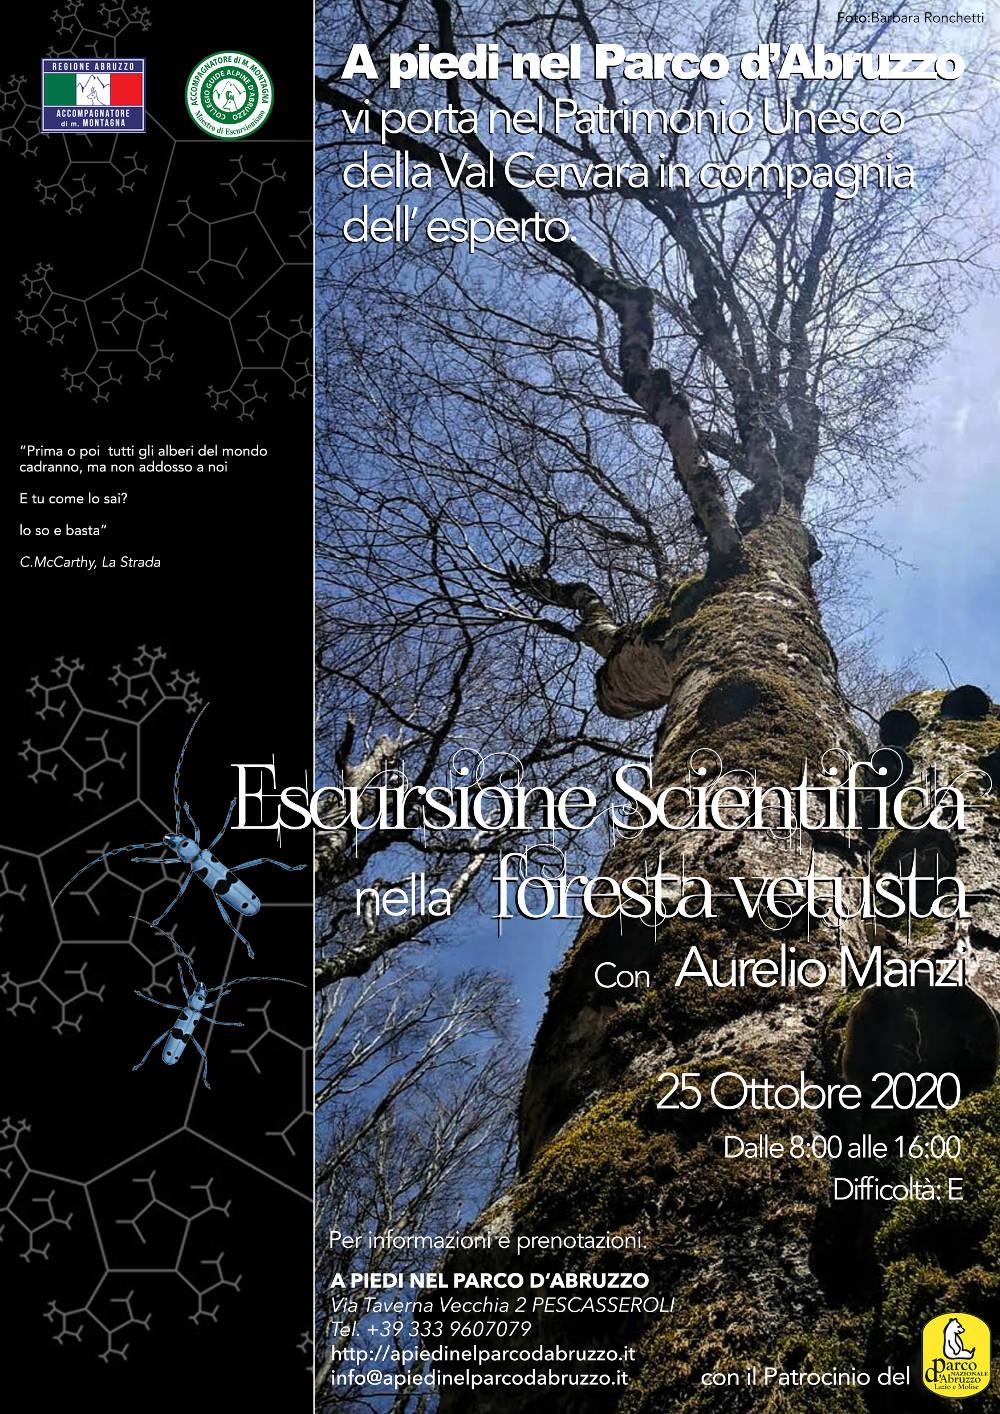 Escursione scientifica nella Foresta Vetusta con Aurelio Manzi